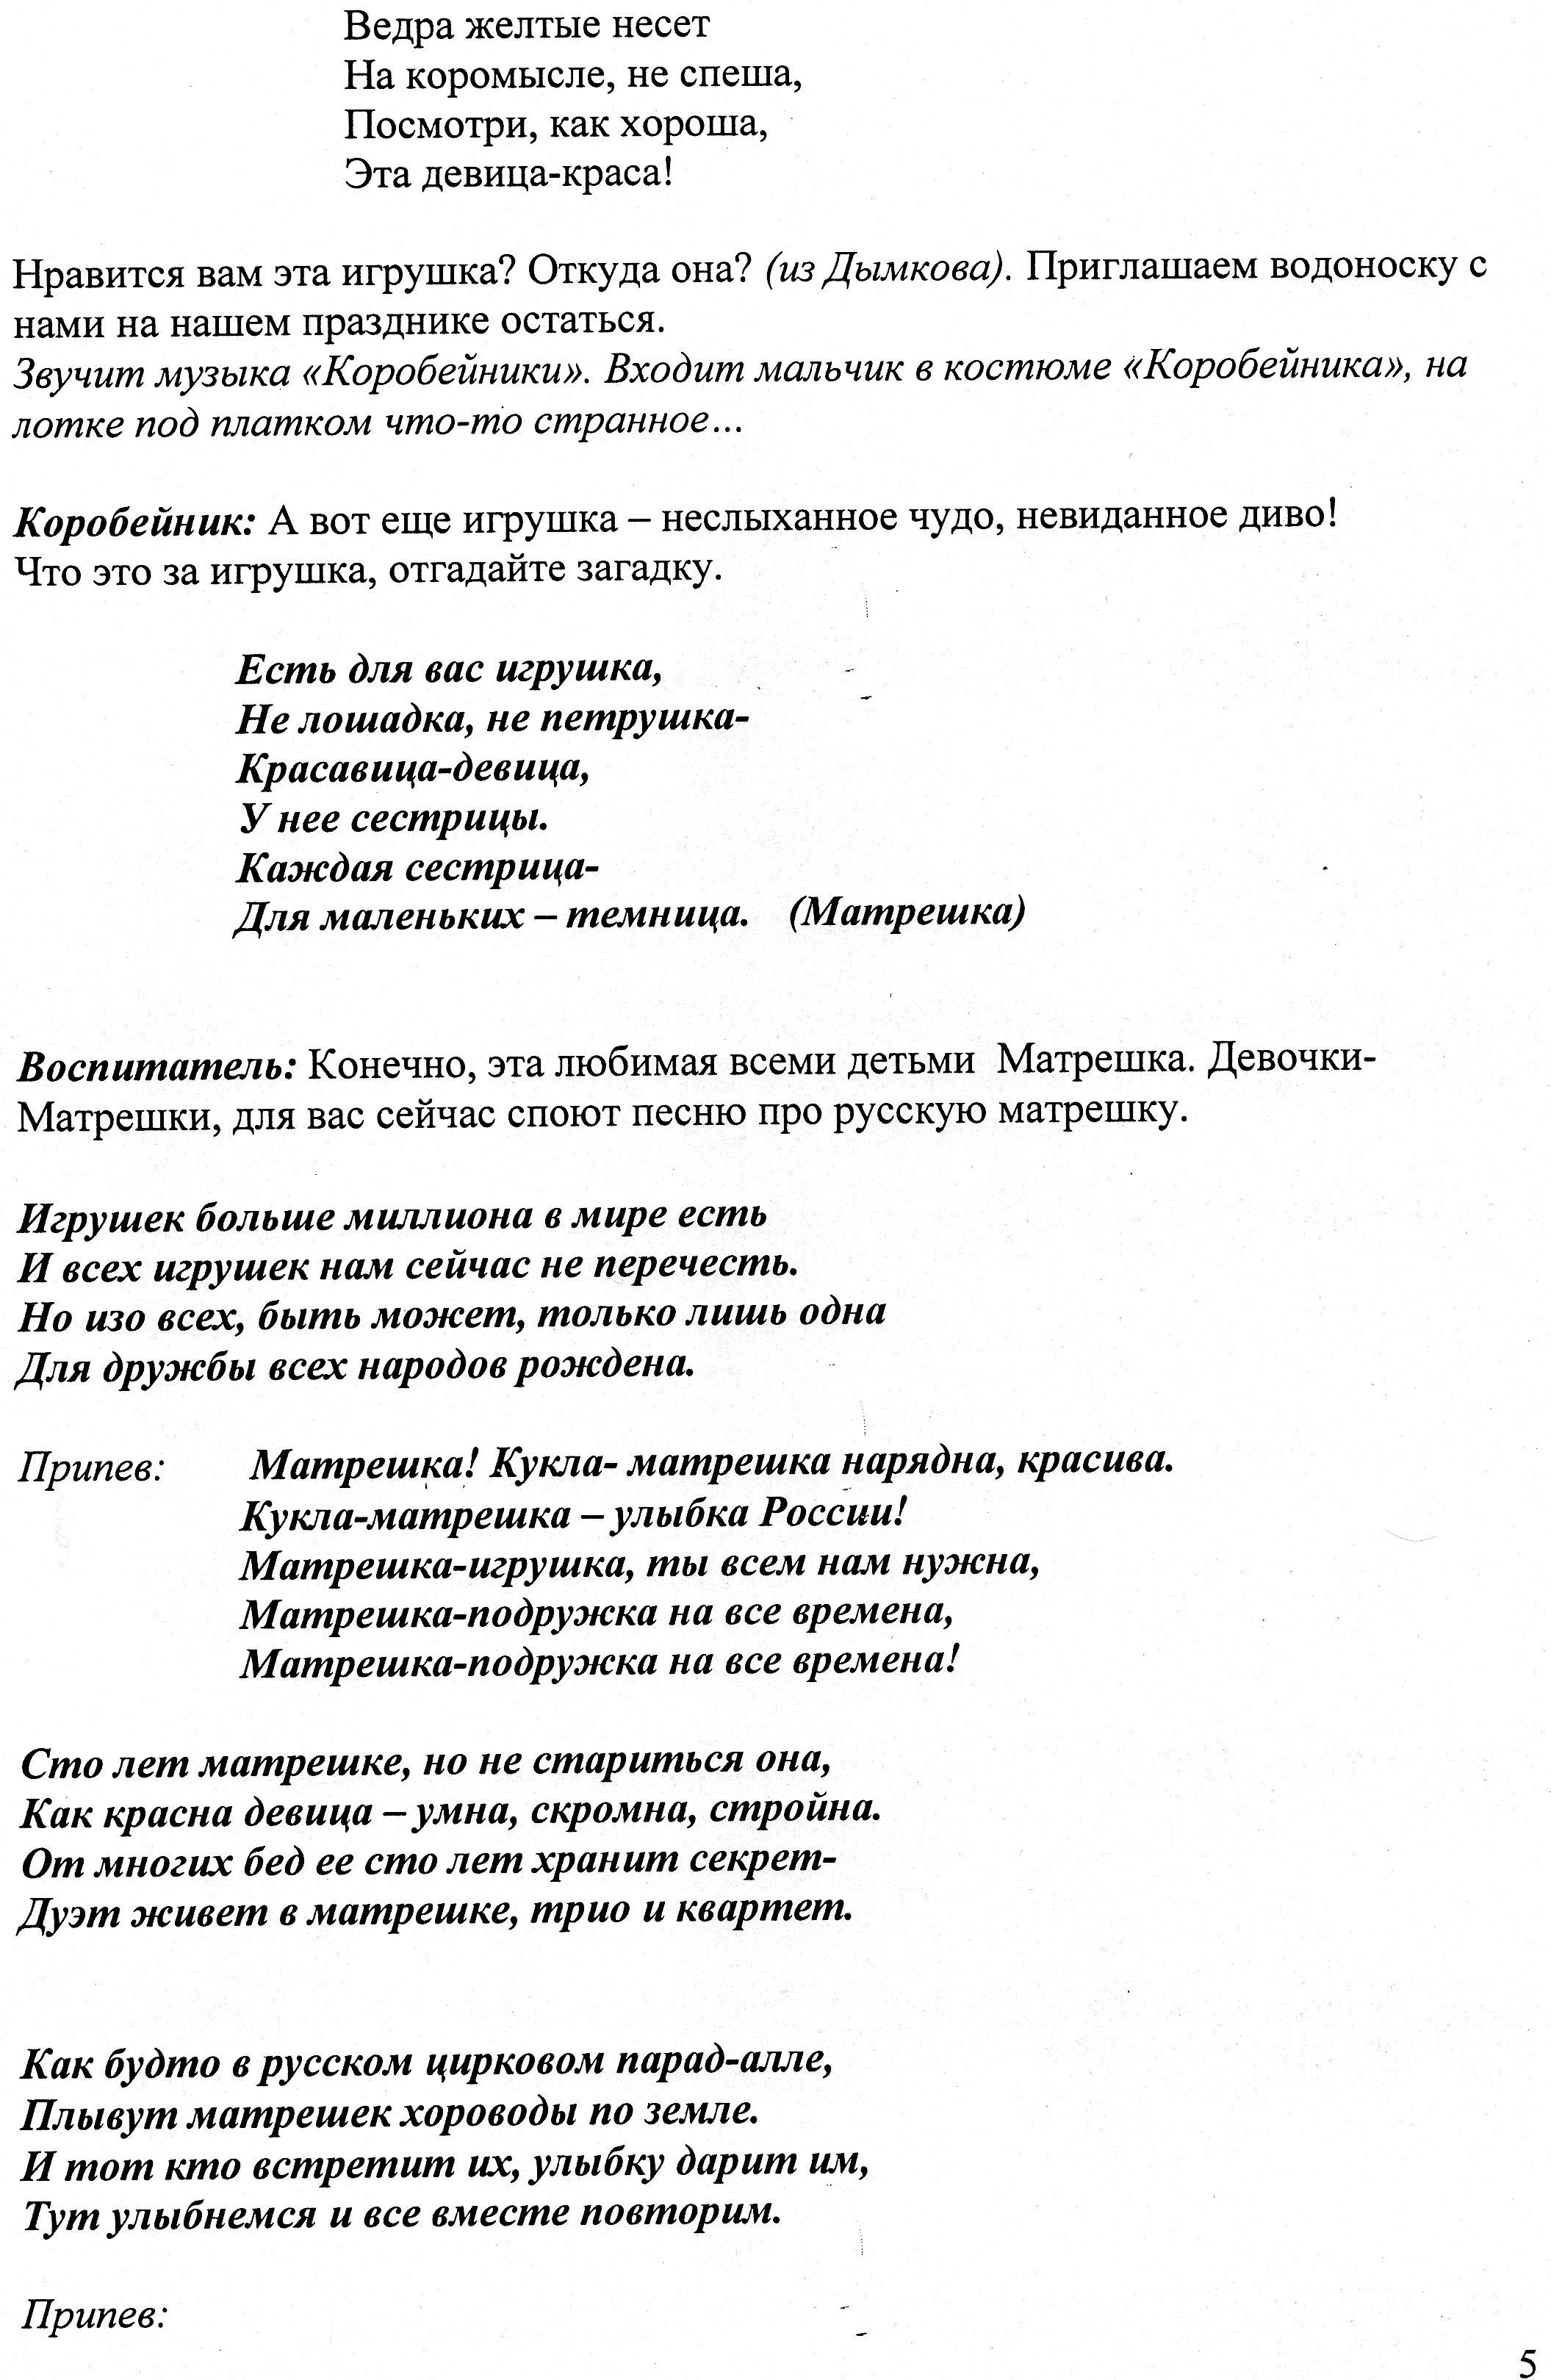 C:\Users\Щербаковы\Pictures\img019.jpg